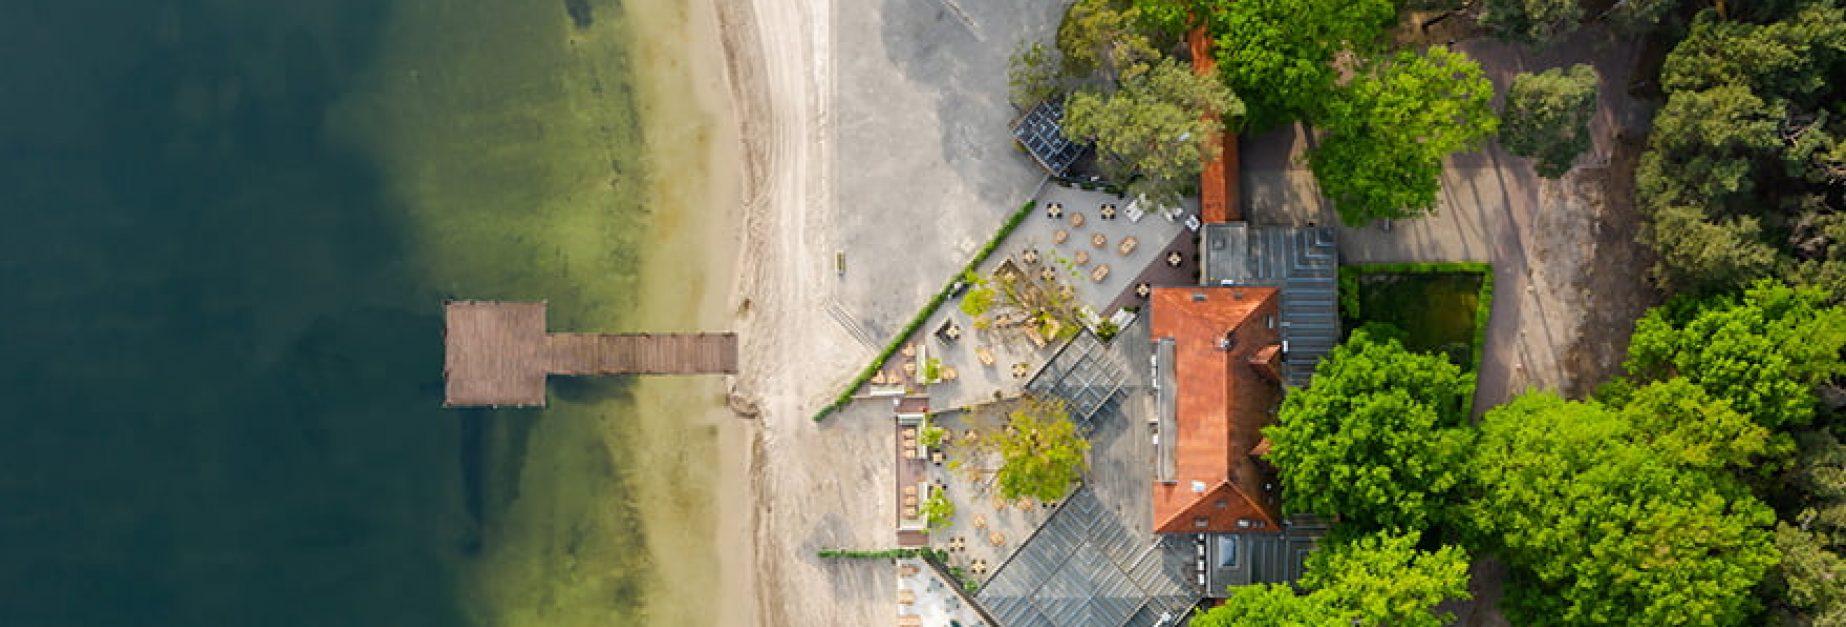 Strandpaviljoen-eventlocatie